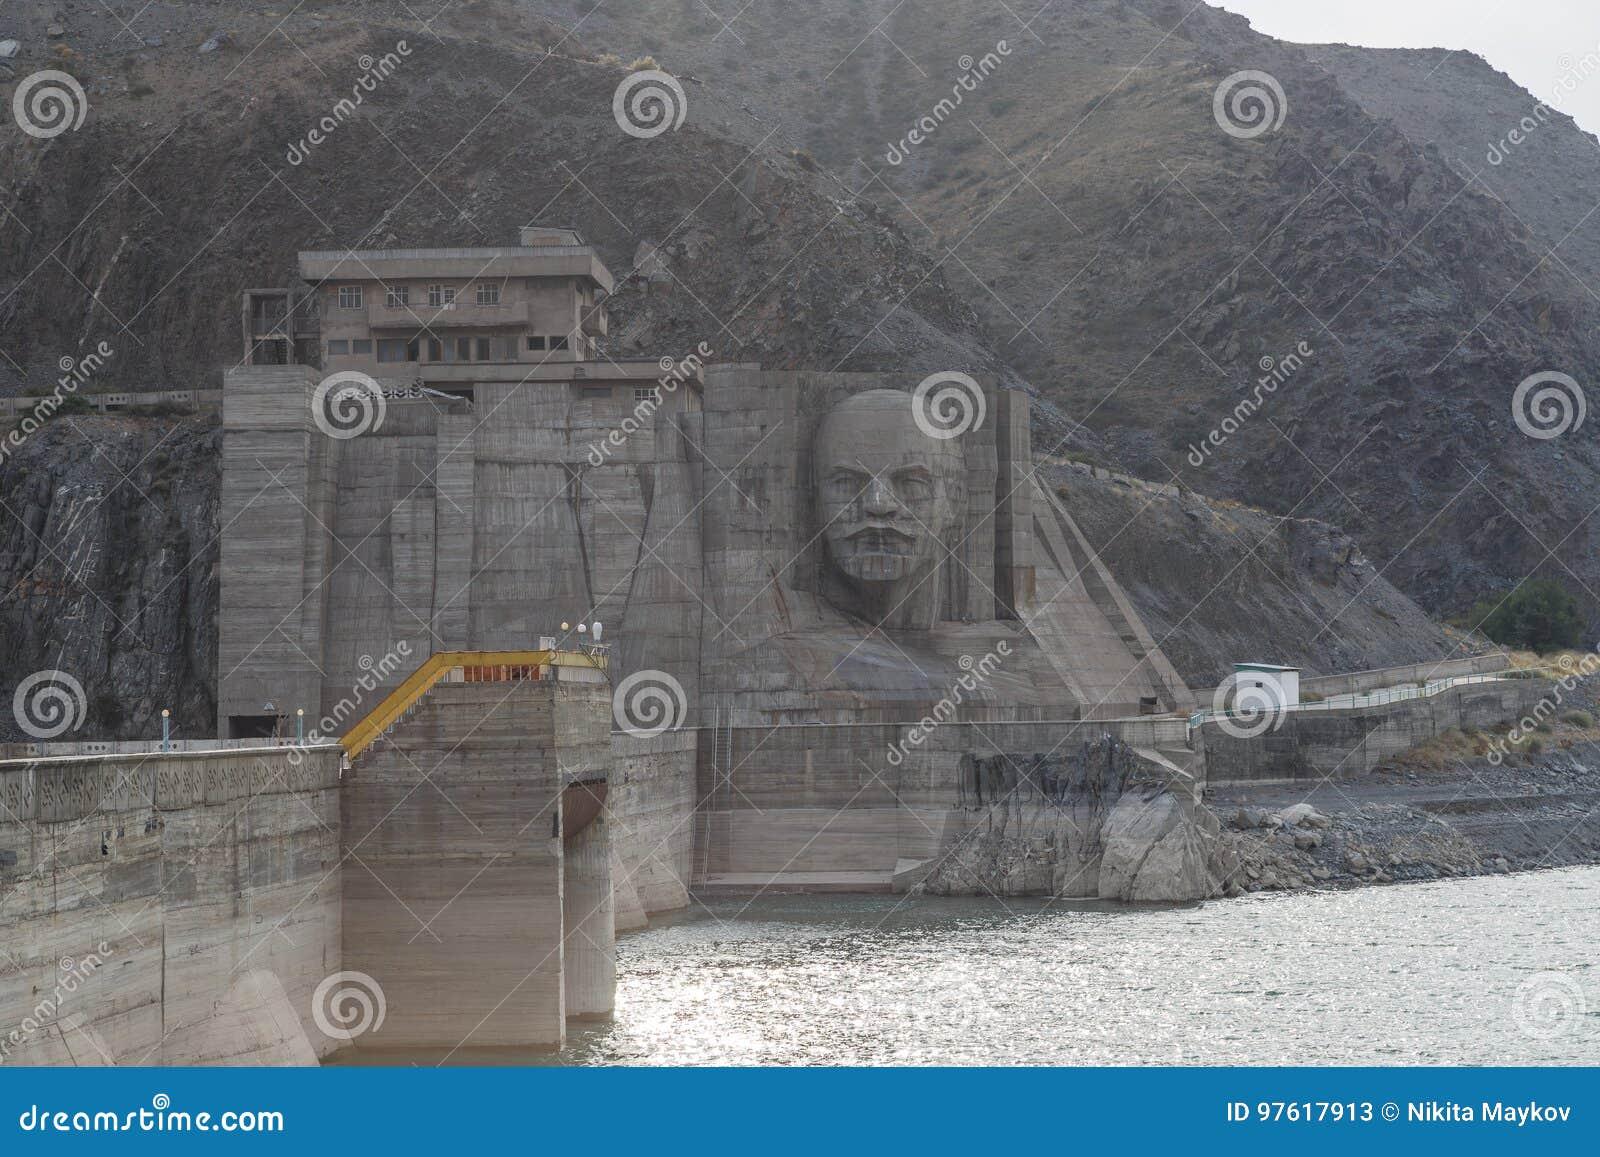 Kirov reservoir dam. Built 1965 - 1975, Lenin`s face on the ad